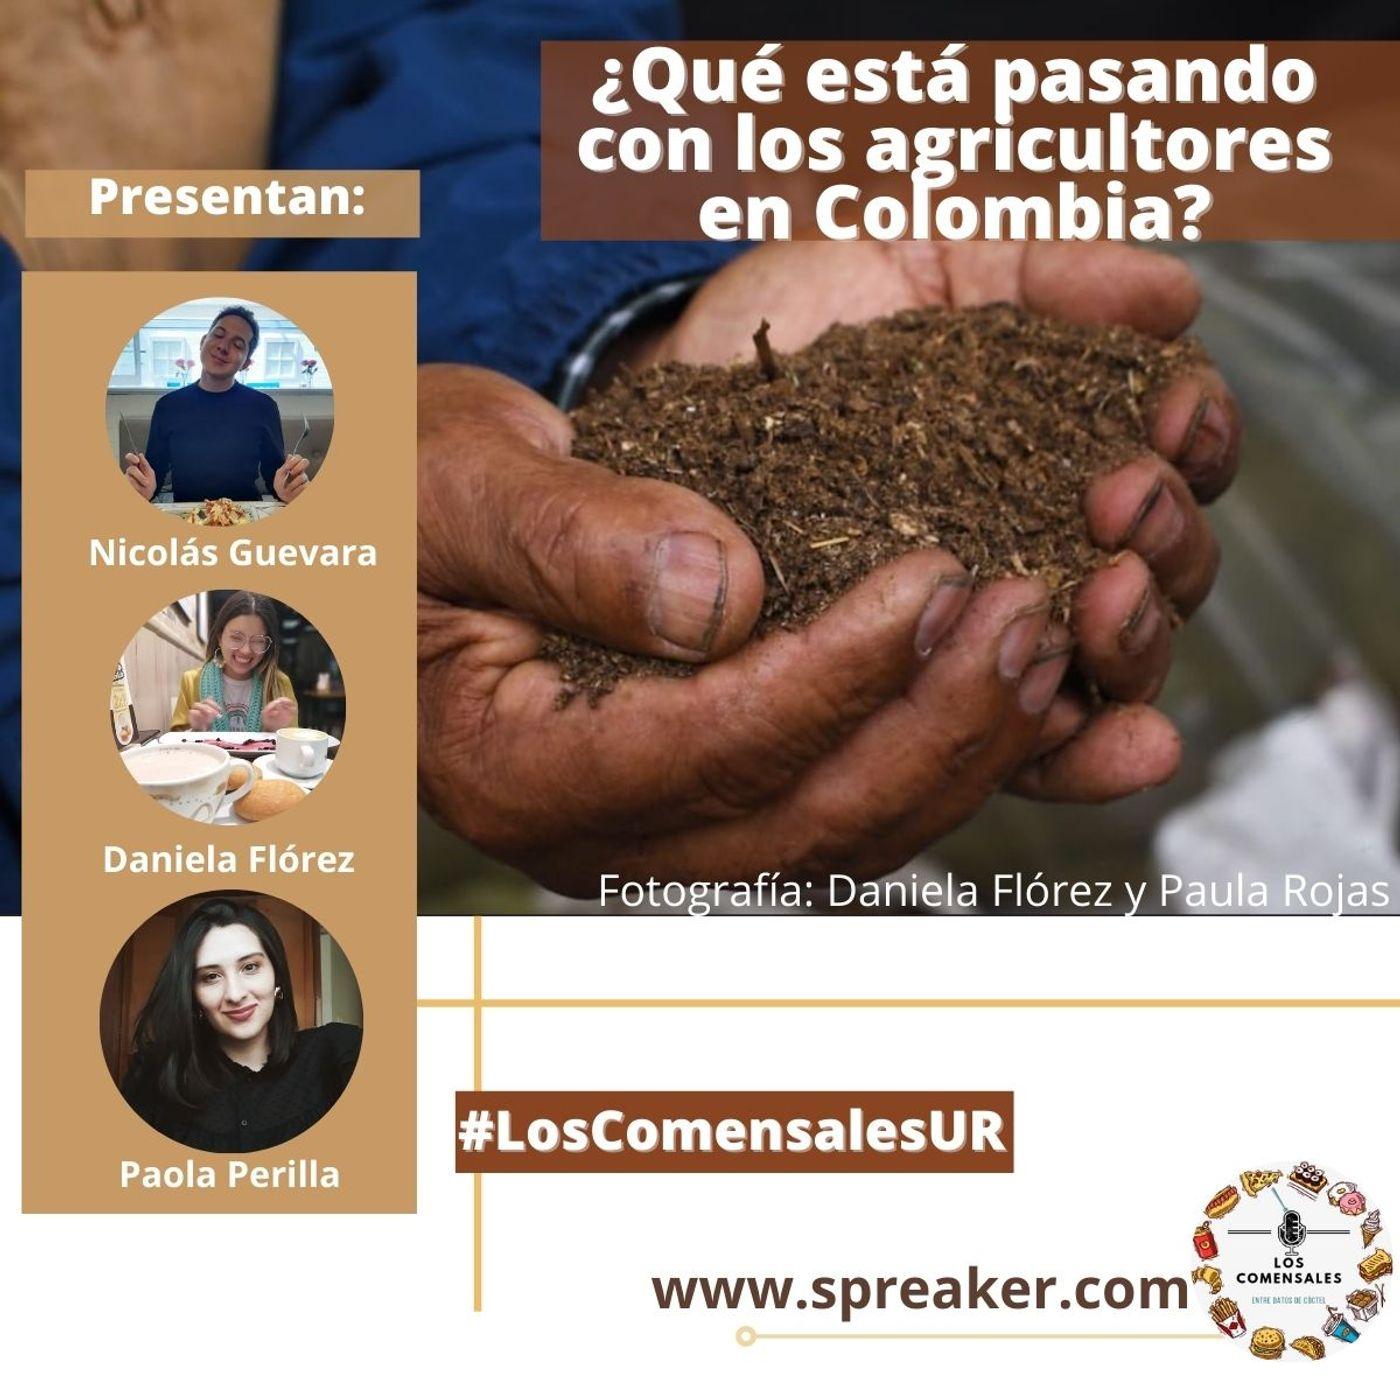 ¿Qué está pasando con los agricultores de Colombia?